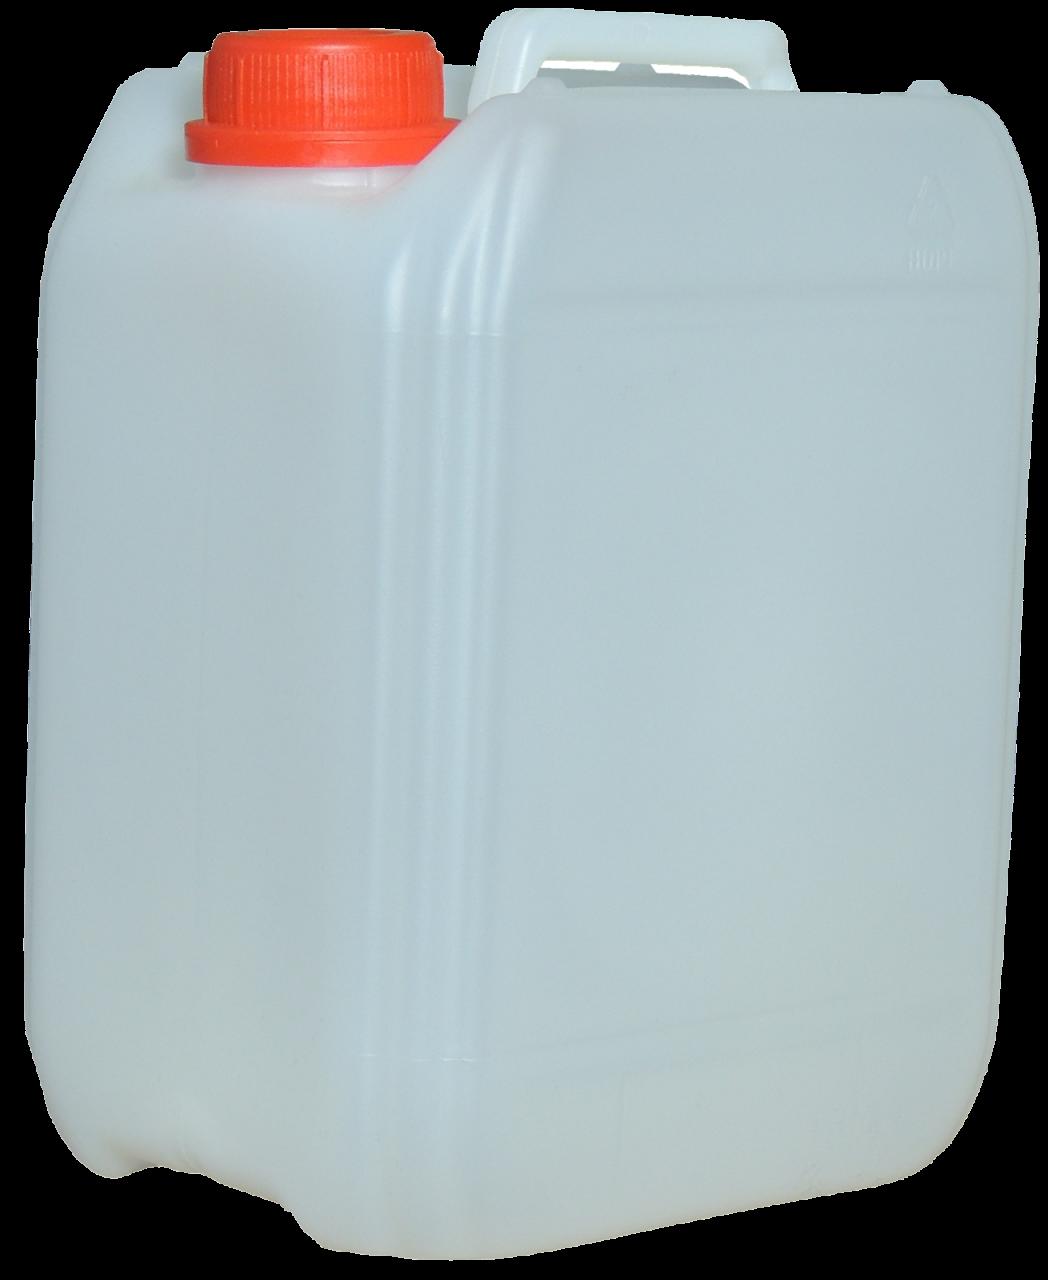 Brandneu 10x 2,5L Kanister Wasserkanister lebensmittelecht Kanister WA19